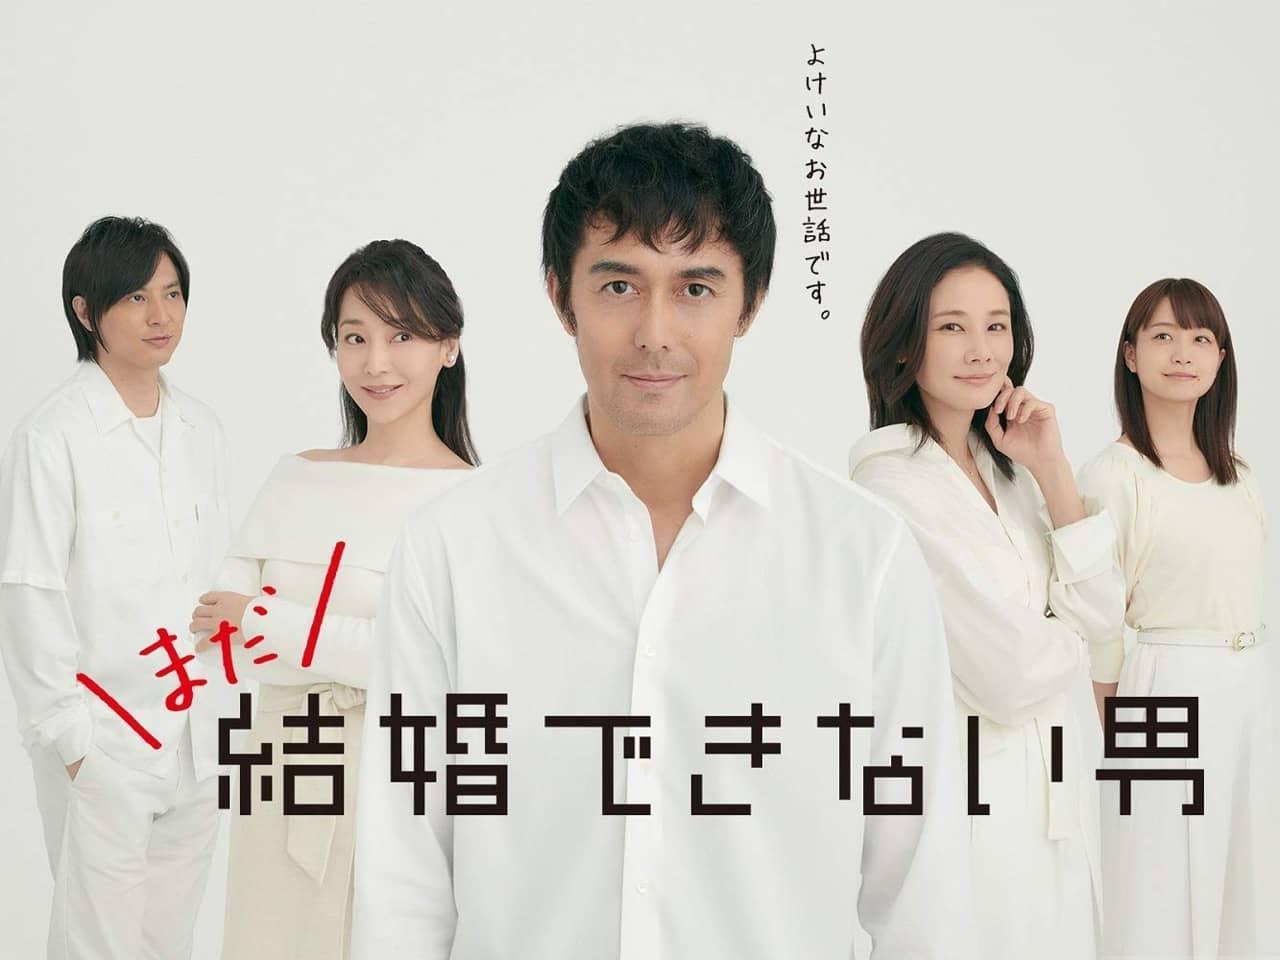 まだ結婚できない男 [Blu-ray][DVD]